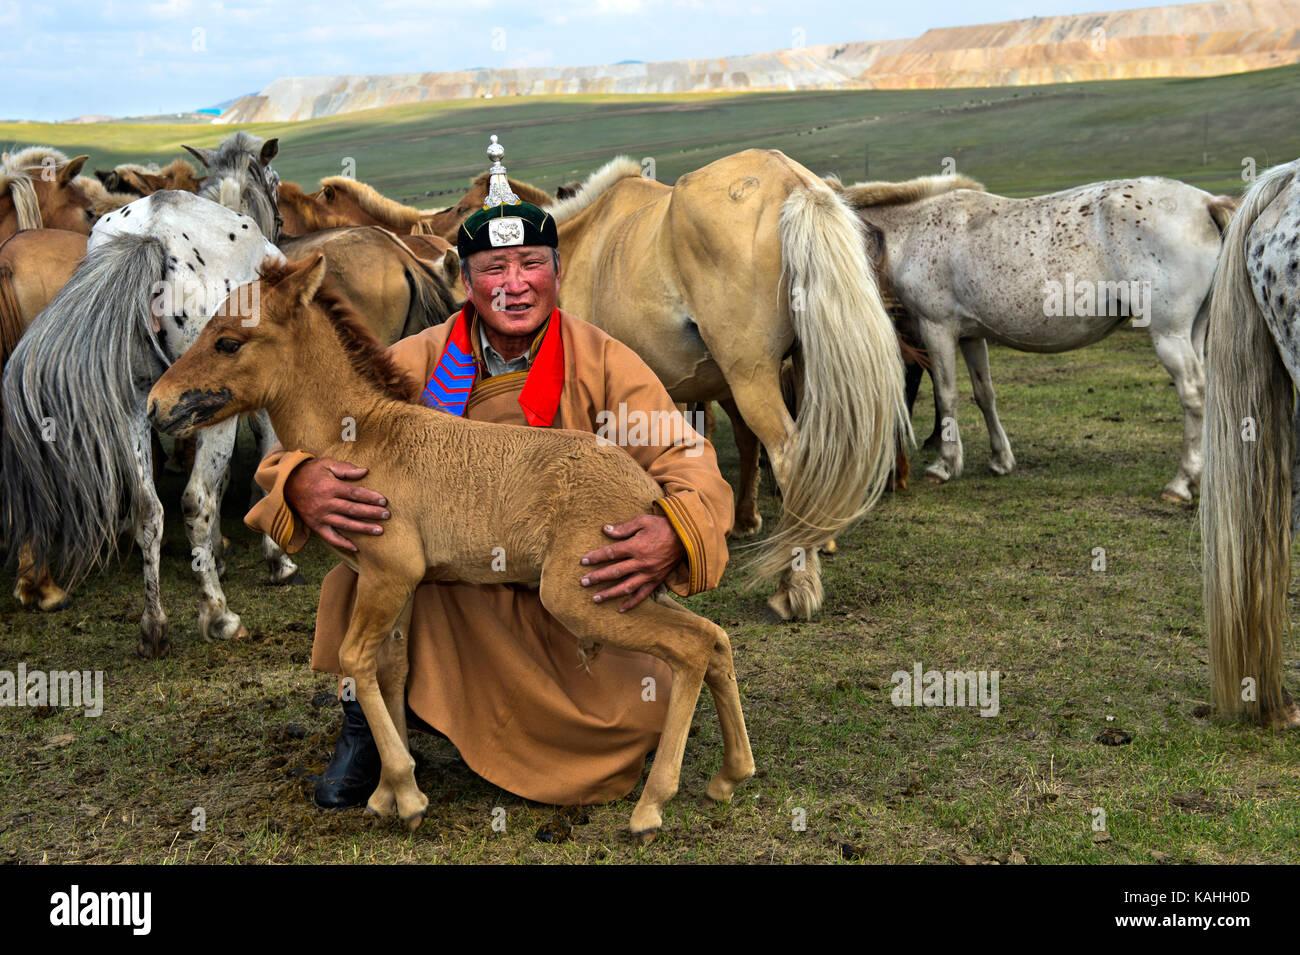 L'homme cheval mongol, berger, en costume traditionnel avec poulain et troupeau de chevaux, Mongolie Banque D'Images